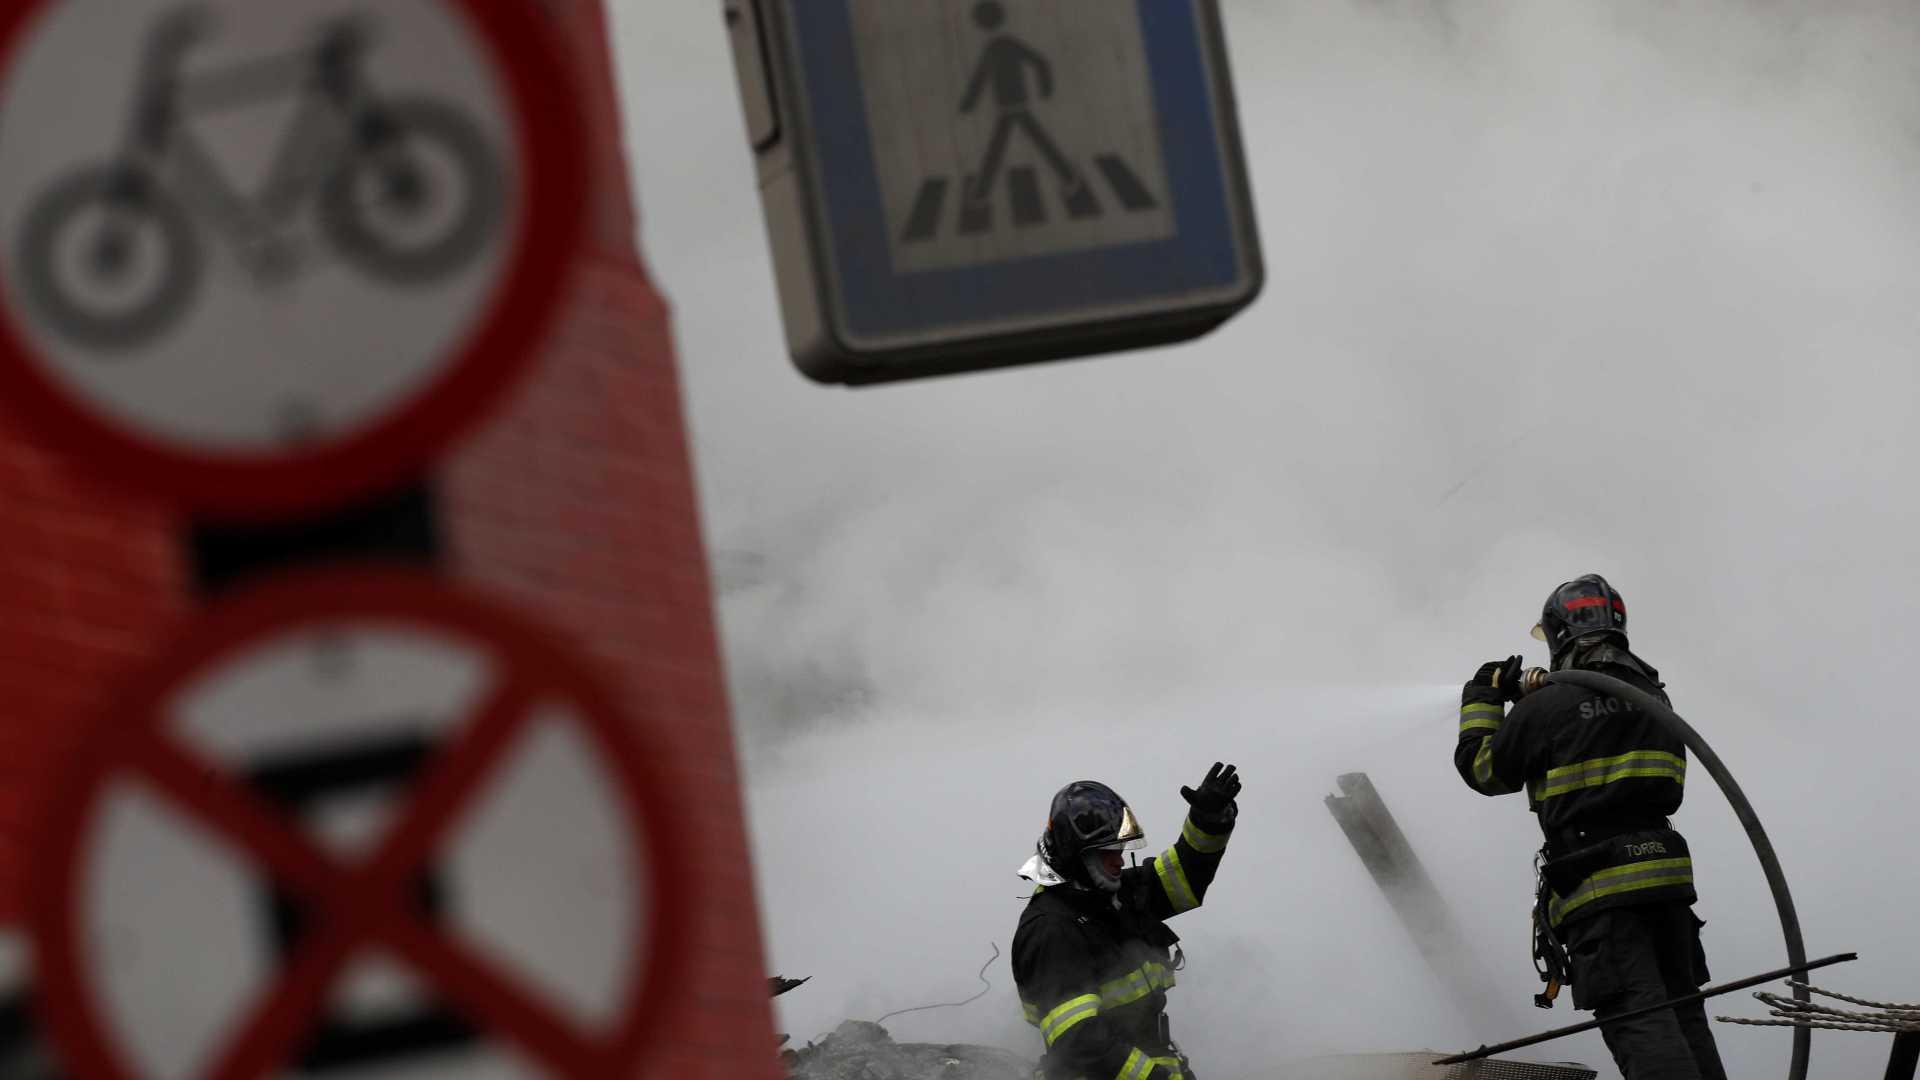 Imprensa mundial repercute incêndio 'feroz' que engoliu prédio de SP